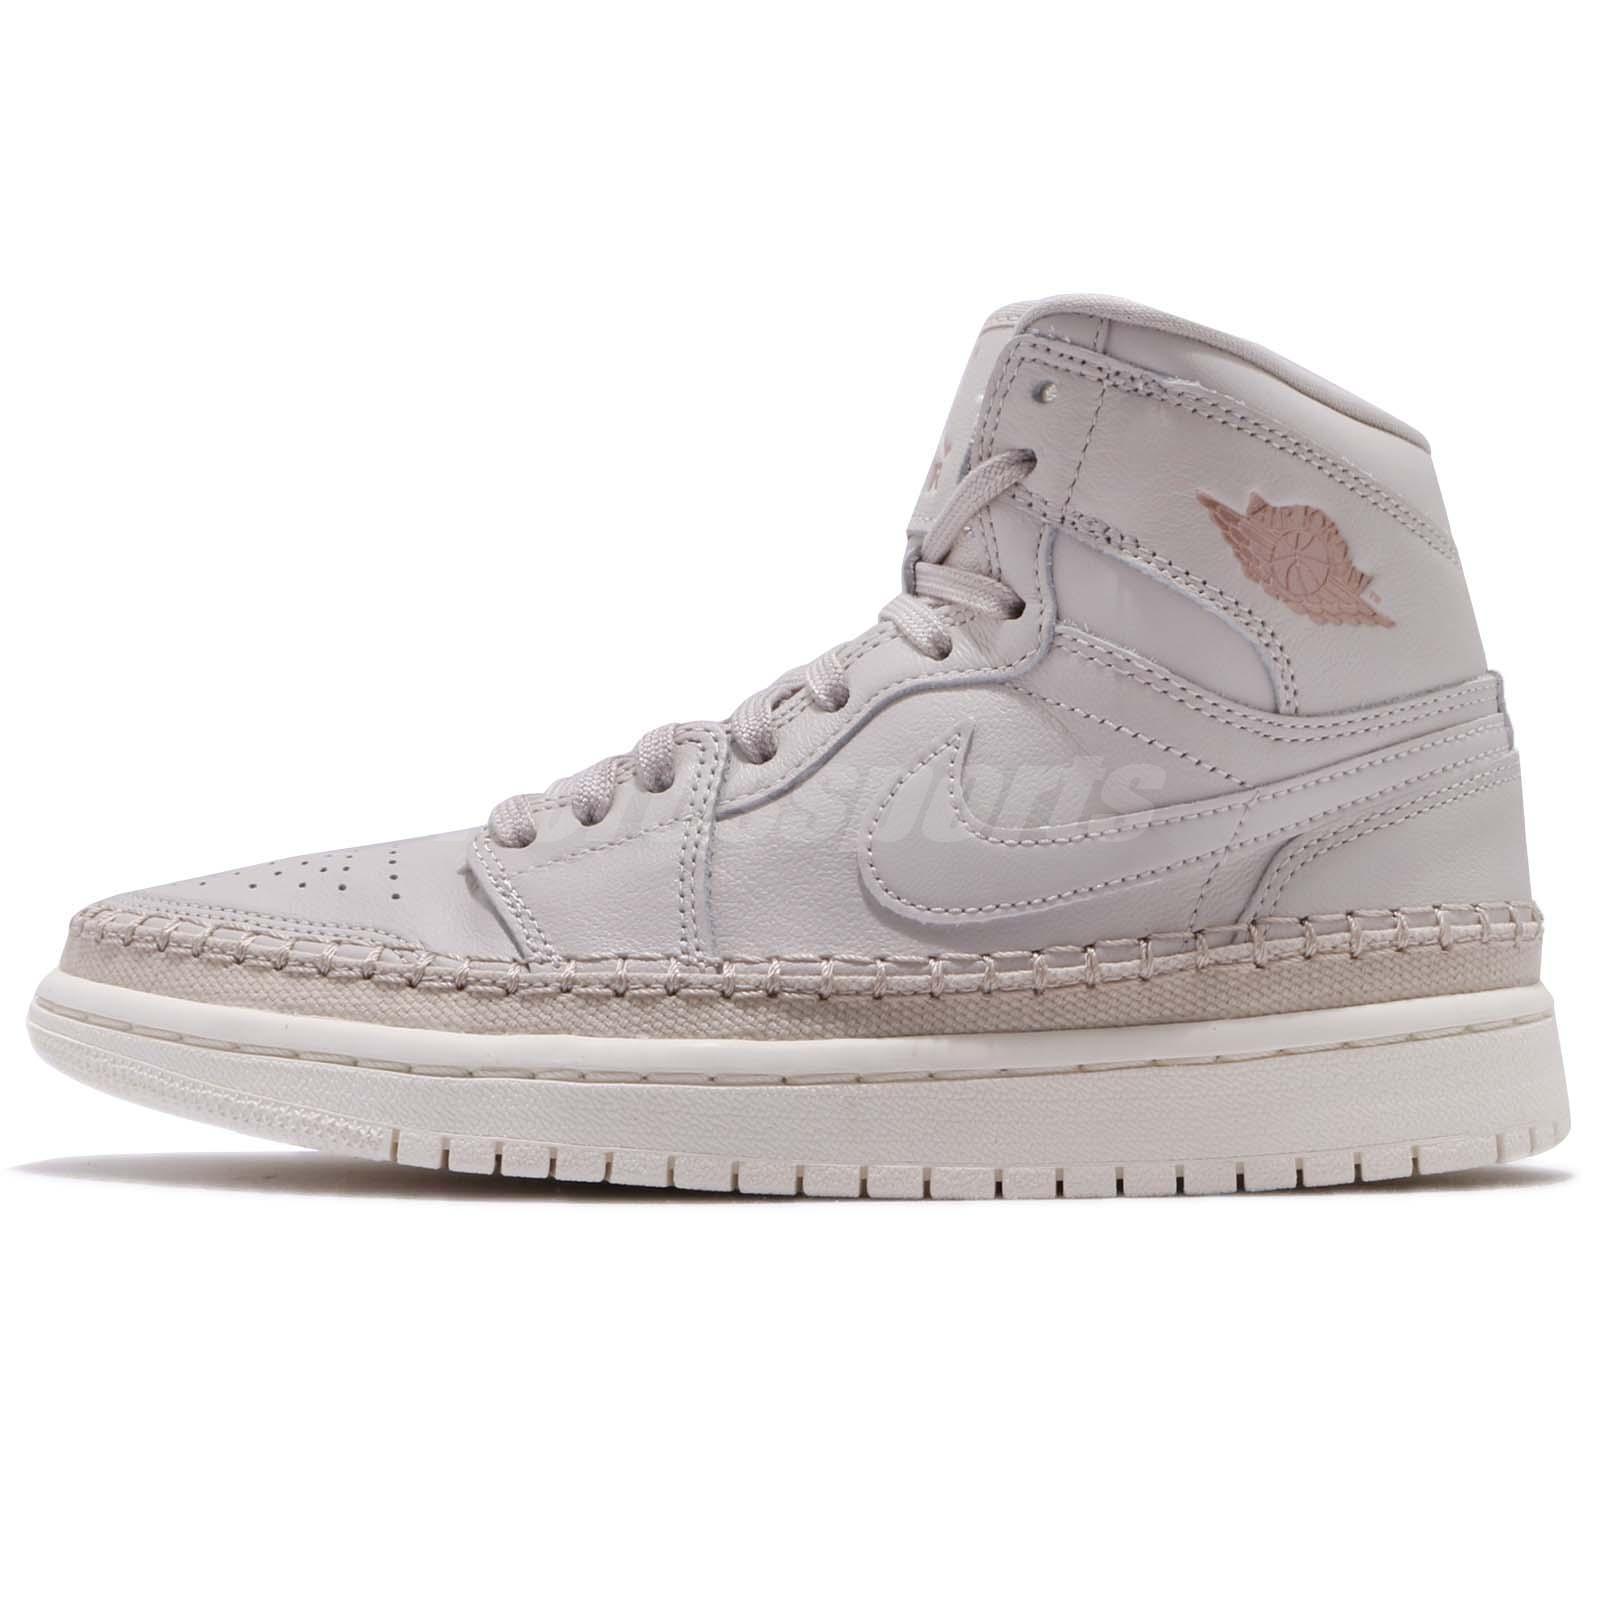 Nike Wmns Air Jordan 1 RET HI PREM I Particle Beige Women Basketball AH7389-021